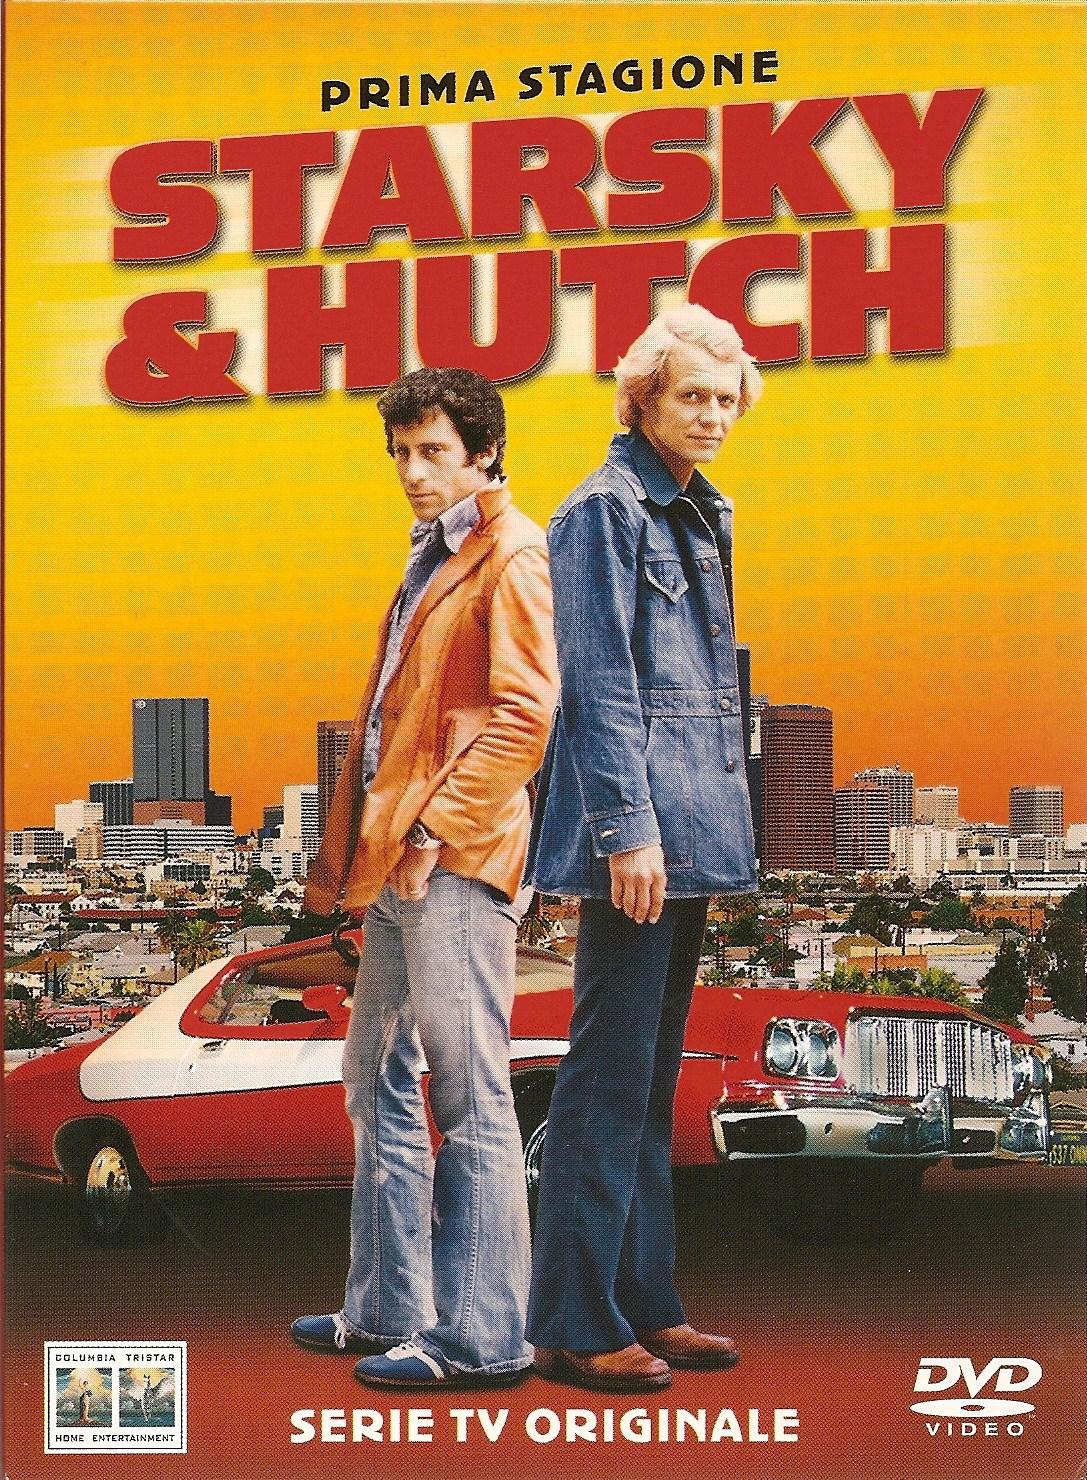 Starsky & Hutch Serie Completa Ingles